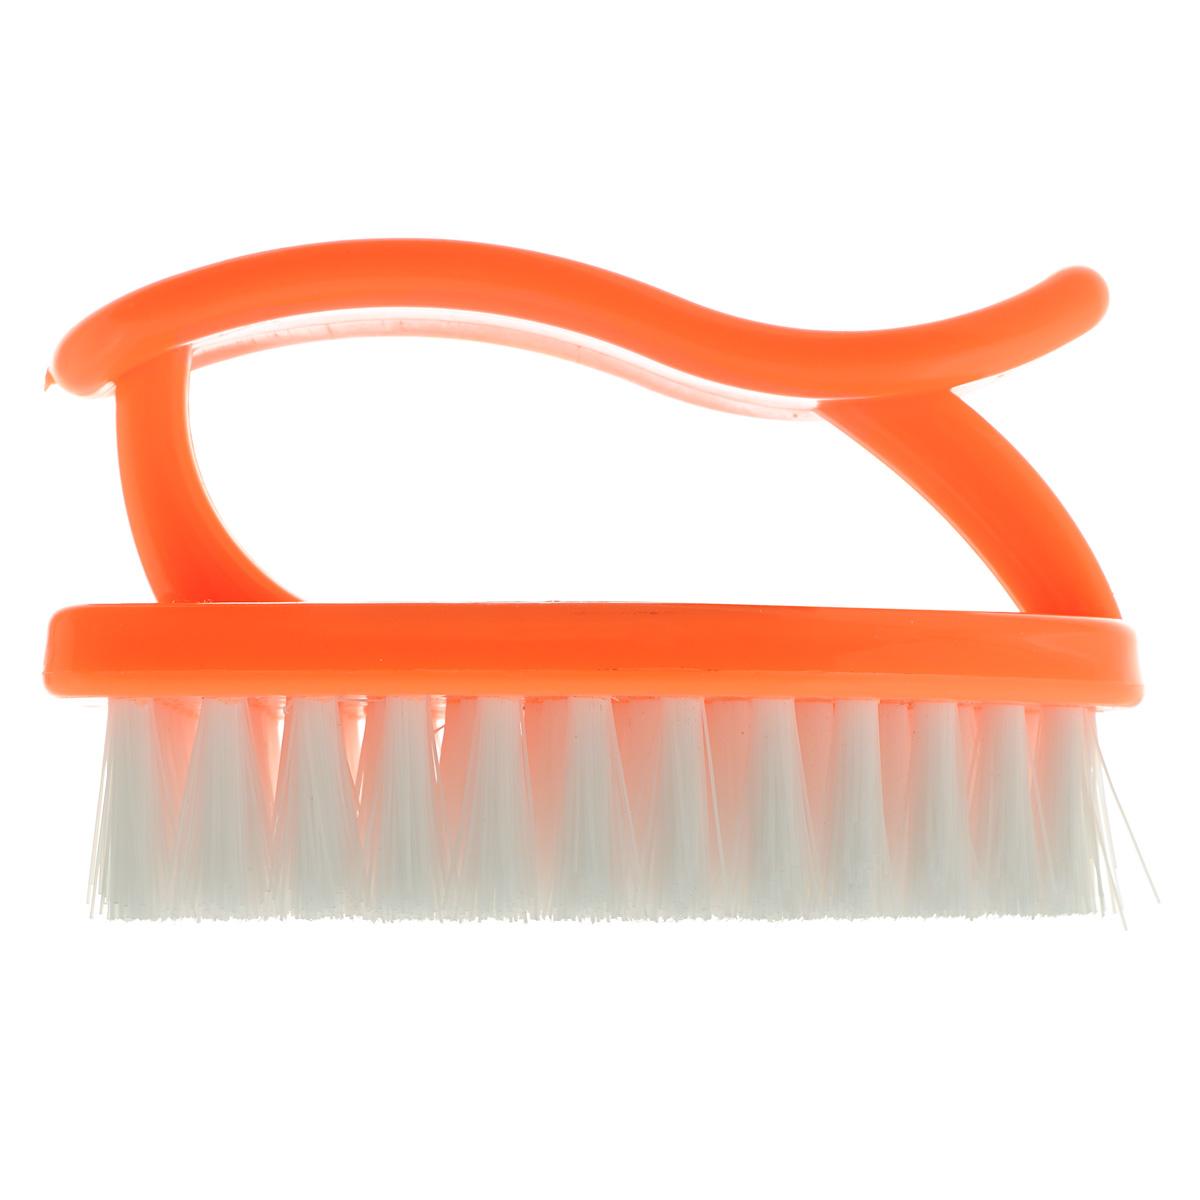 Щетка Home Queen Утюг, универсальная, цвет: оранжевый. 89531-402Щетка Home Queen Утюг, выполненная из полипропилена, является универсальной щеткой для очистки поверхностей ванной комнаты и кухни. Изделие оснащено удобной ручкой.Длина щетины: 2 см.